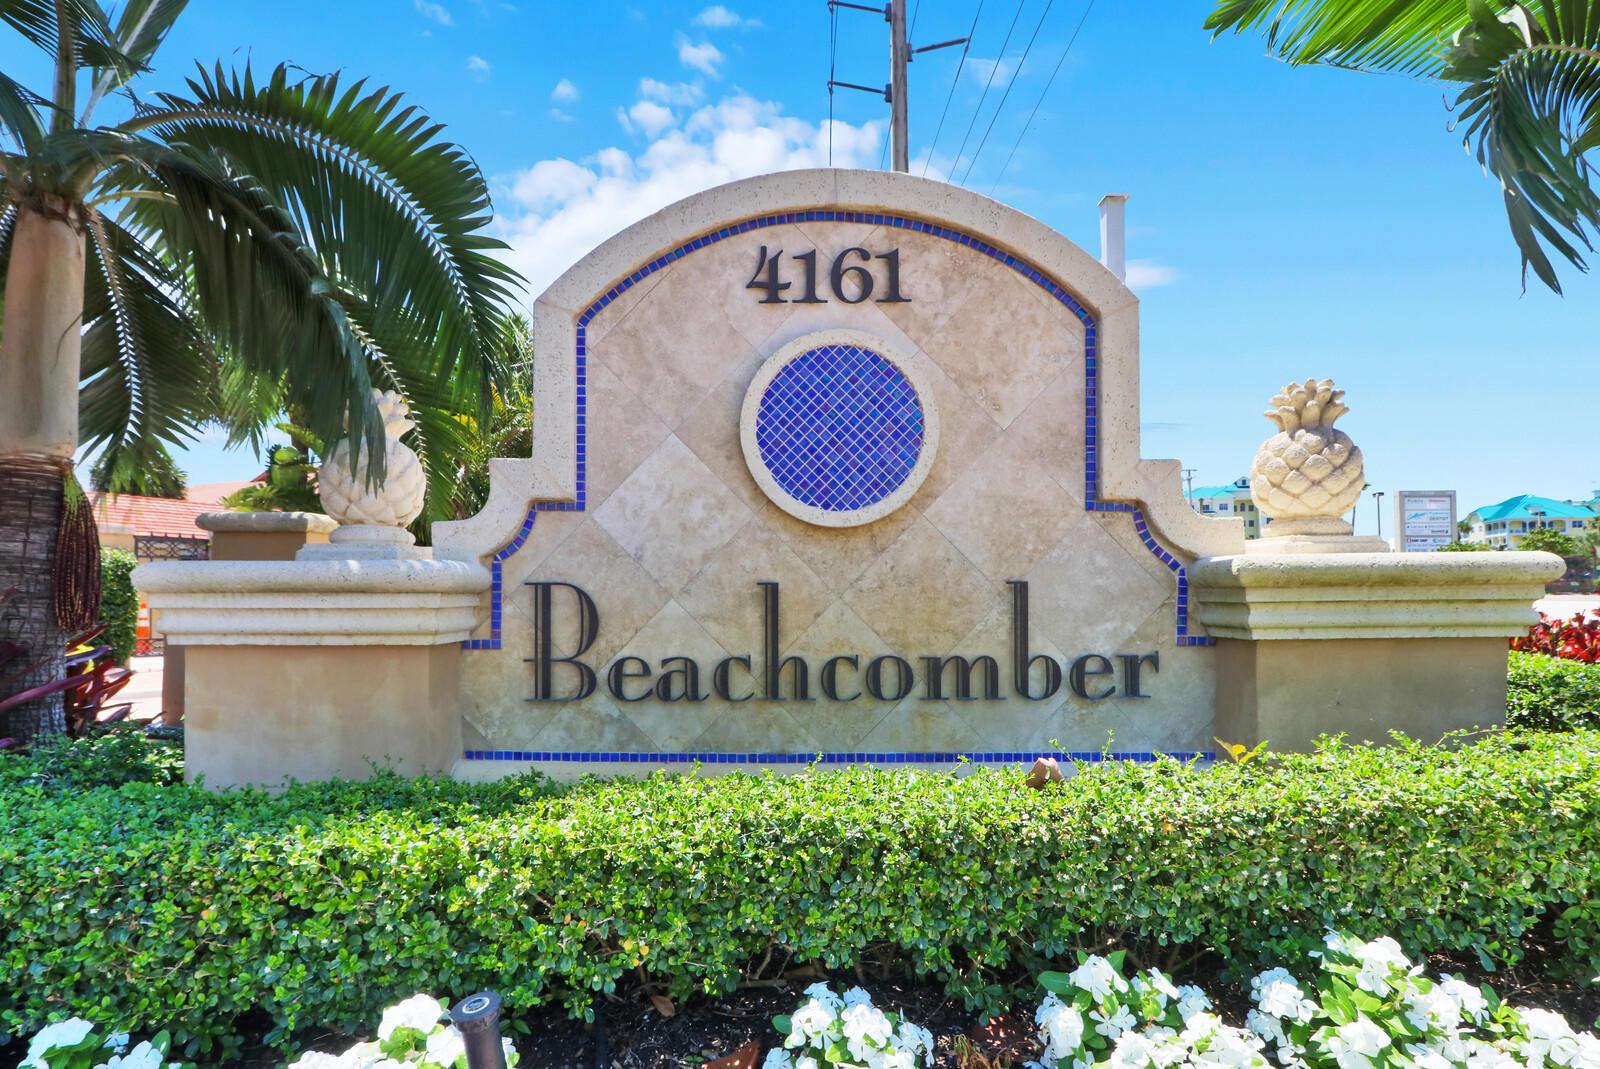 4161 S Us Highway 1  G4 For Sale 10713742, FL